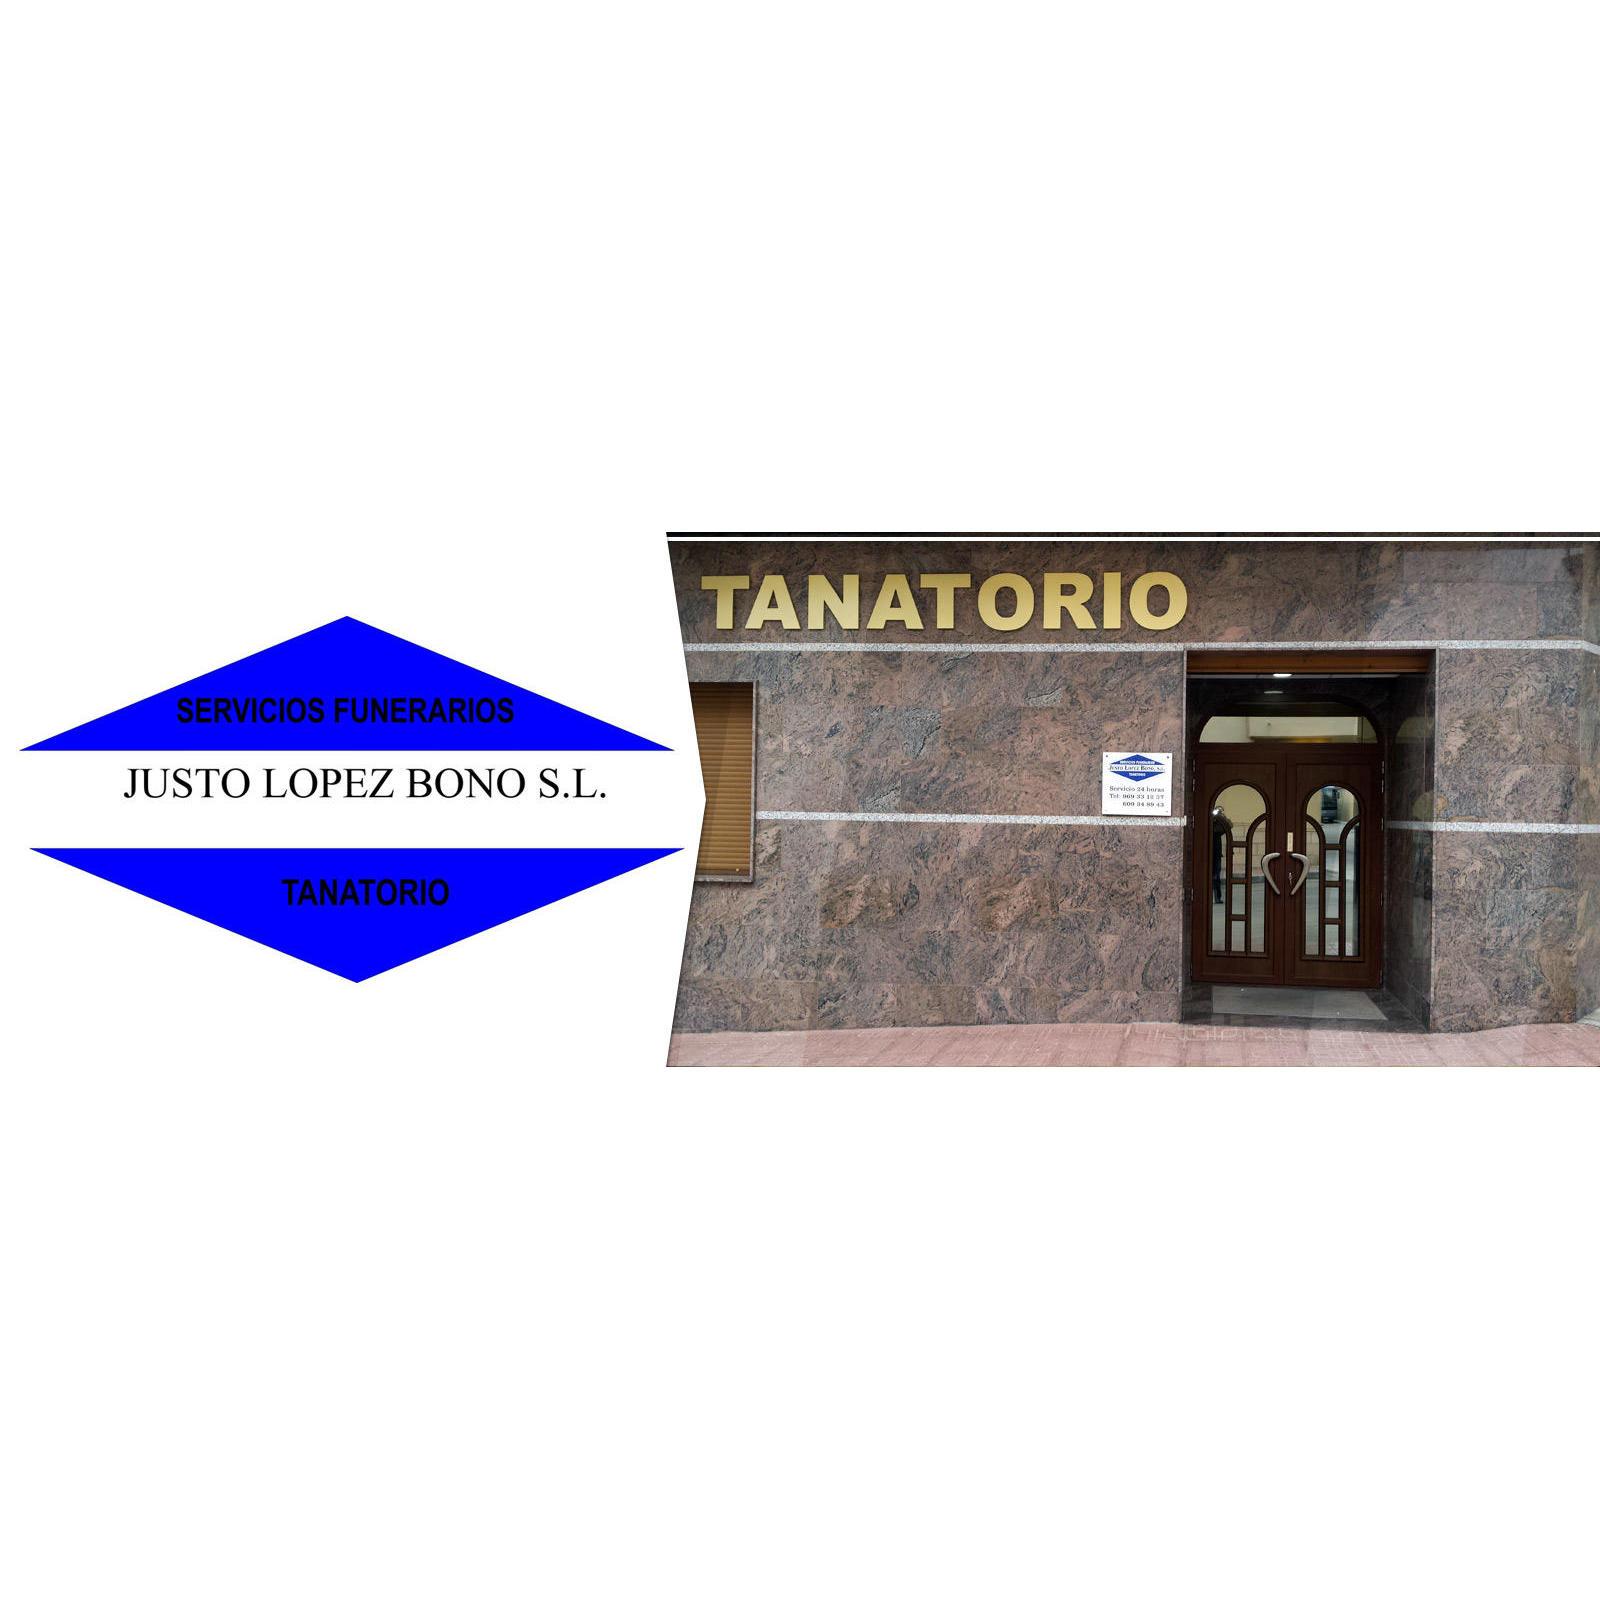 Servicios funerarios Justo López Bono